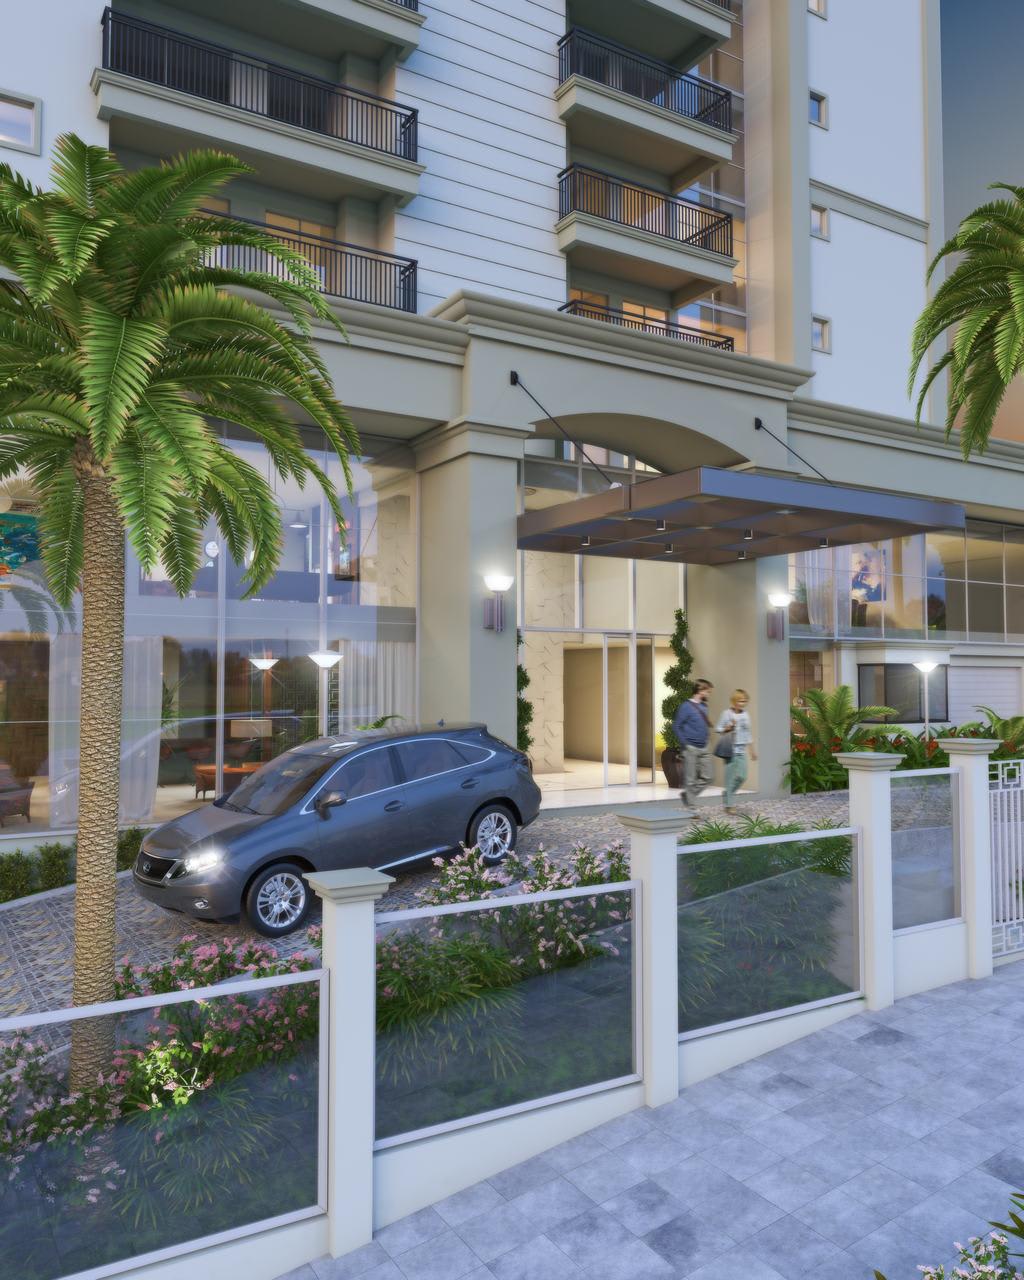 Imagem de destaque do post Porte couchère confere comodidade e segurança às edificações